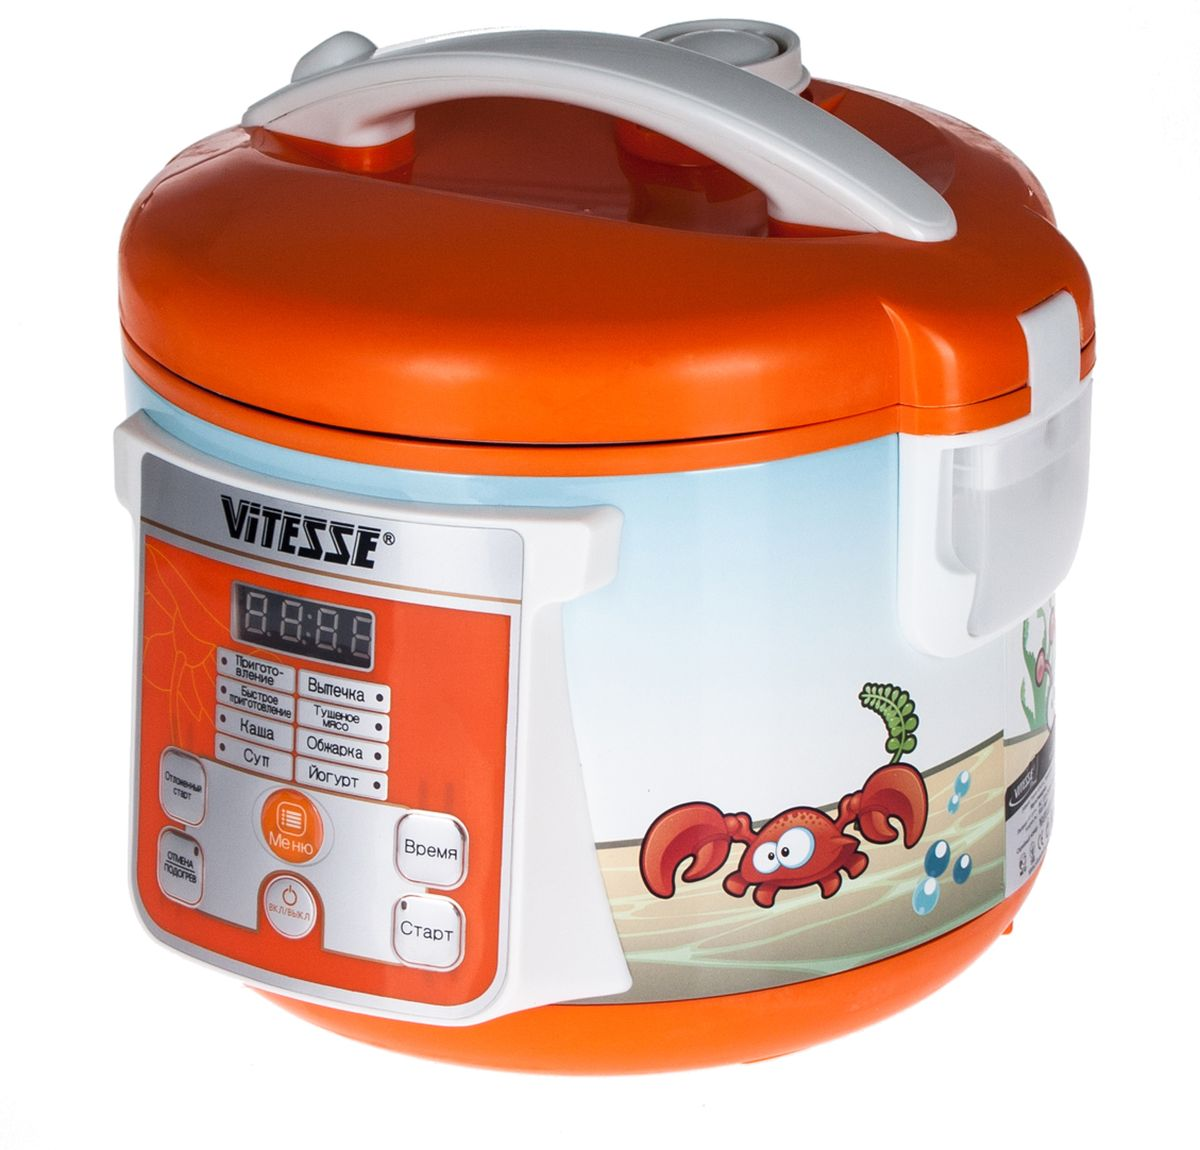 Vitesse VS-585 мультиваркаVS-585ПОДАРОК! Набор детской посуды (тарелка, ложечка, вилочка) - меняет цвет при нагревании 8 АВТОМАТИЧЕСКИХ ПРОГРАММ ПРИГОТОВЛЕНИЯ: Суп, Каша, Приготовление, Быстрое приготовление, Йогурт, Обжарка, выпечка и Тушеное мясоМощность: 500 ВтОбъем чаши: 3 лТип управления: электронныйВнутренняя чаша с антипригарным покрытиемМатериал корпуса - металлLED-дисплейФункция отсрочки старта (24 часа)Режим поддержания тепла готовых блюдАвтоматическое отключение в случае перегреваВ комплекте: контейнер-пароварка, ложка, половник, силиконовая лопатка, мерный стакан. Книга рецептов в подарок